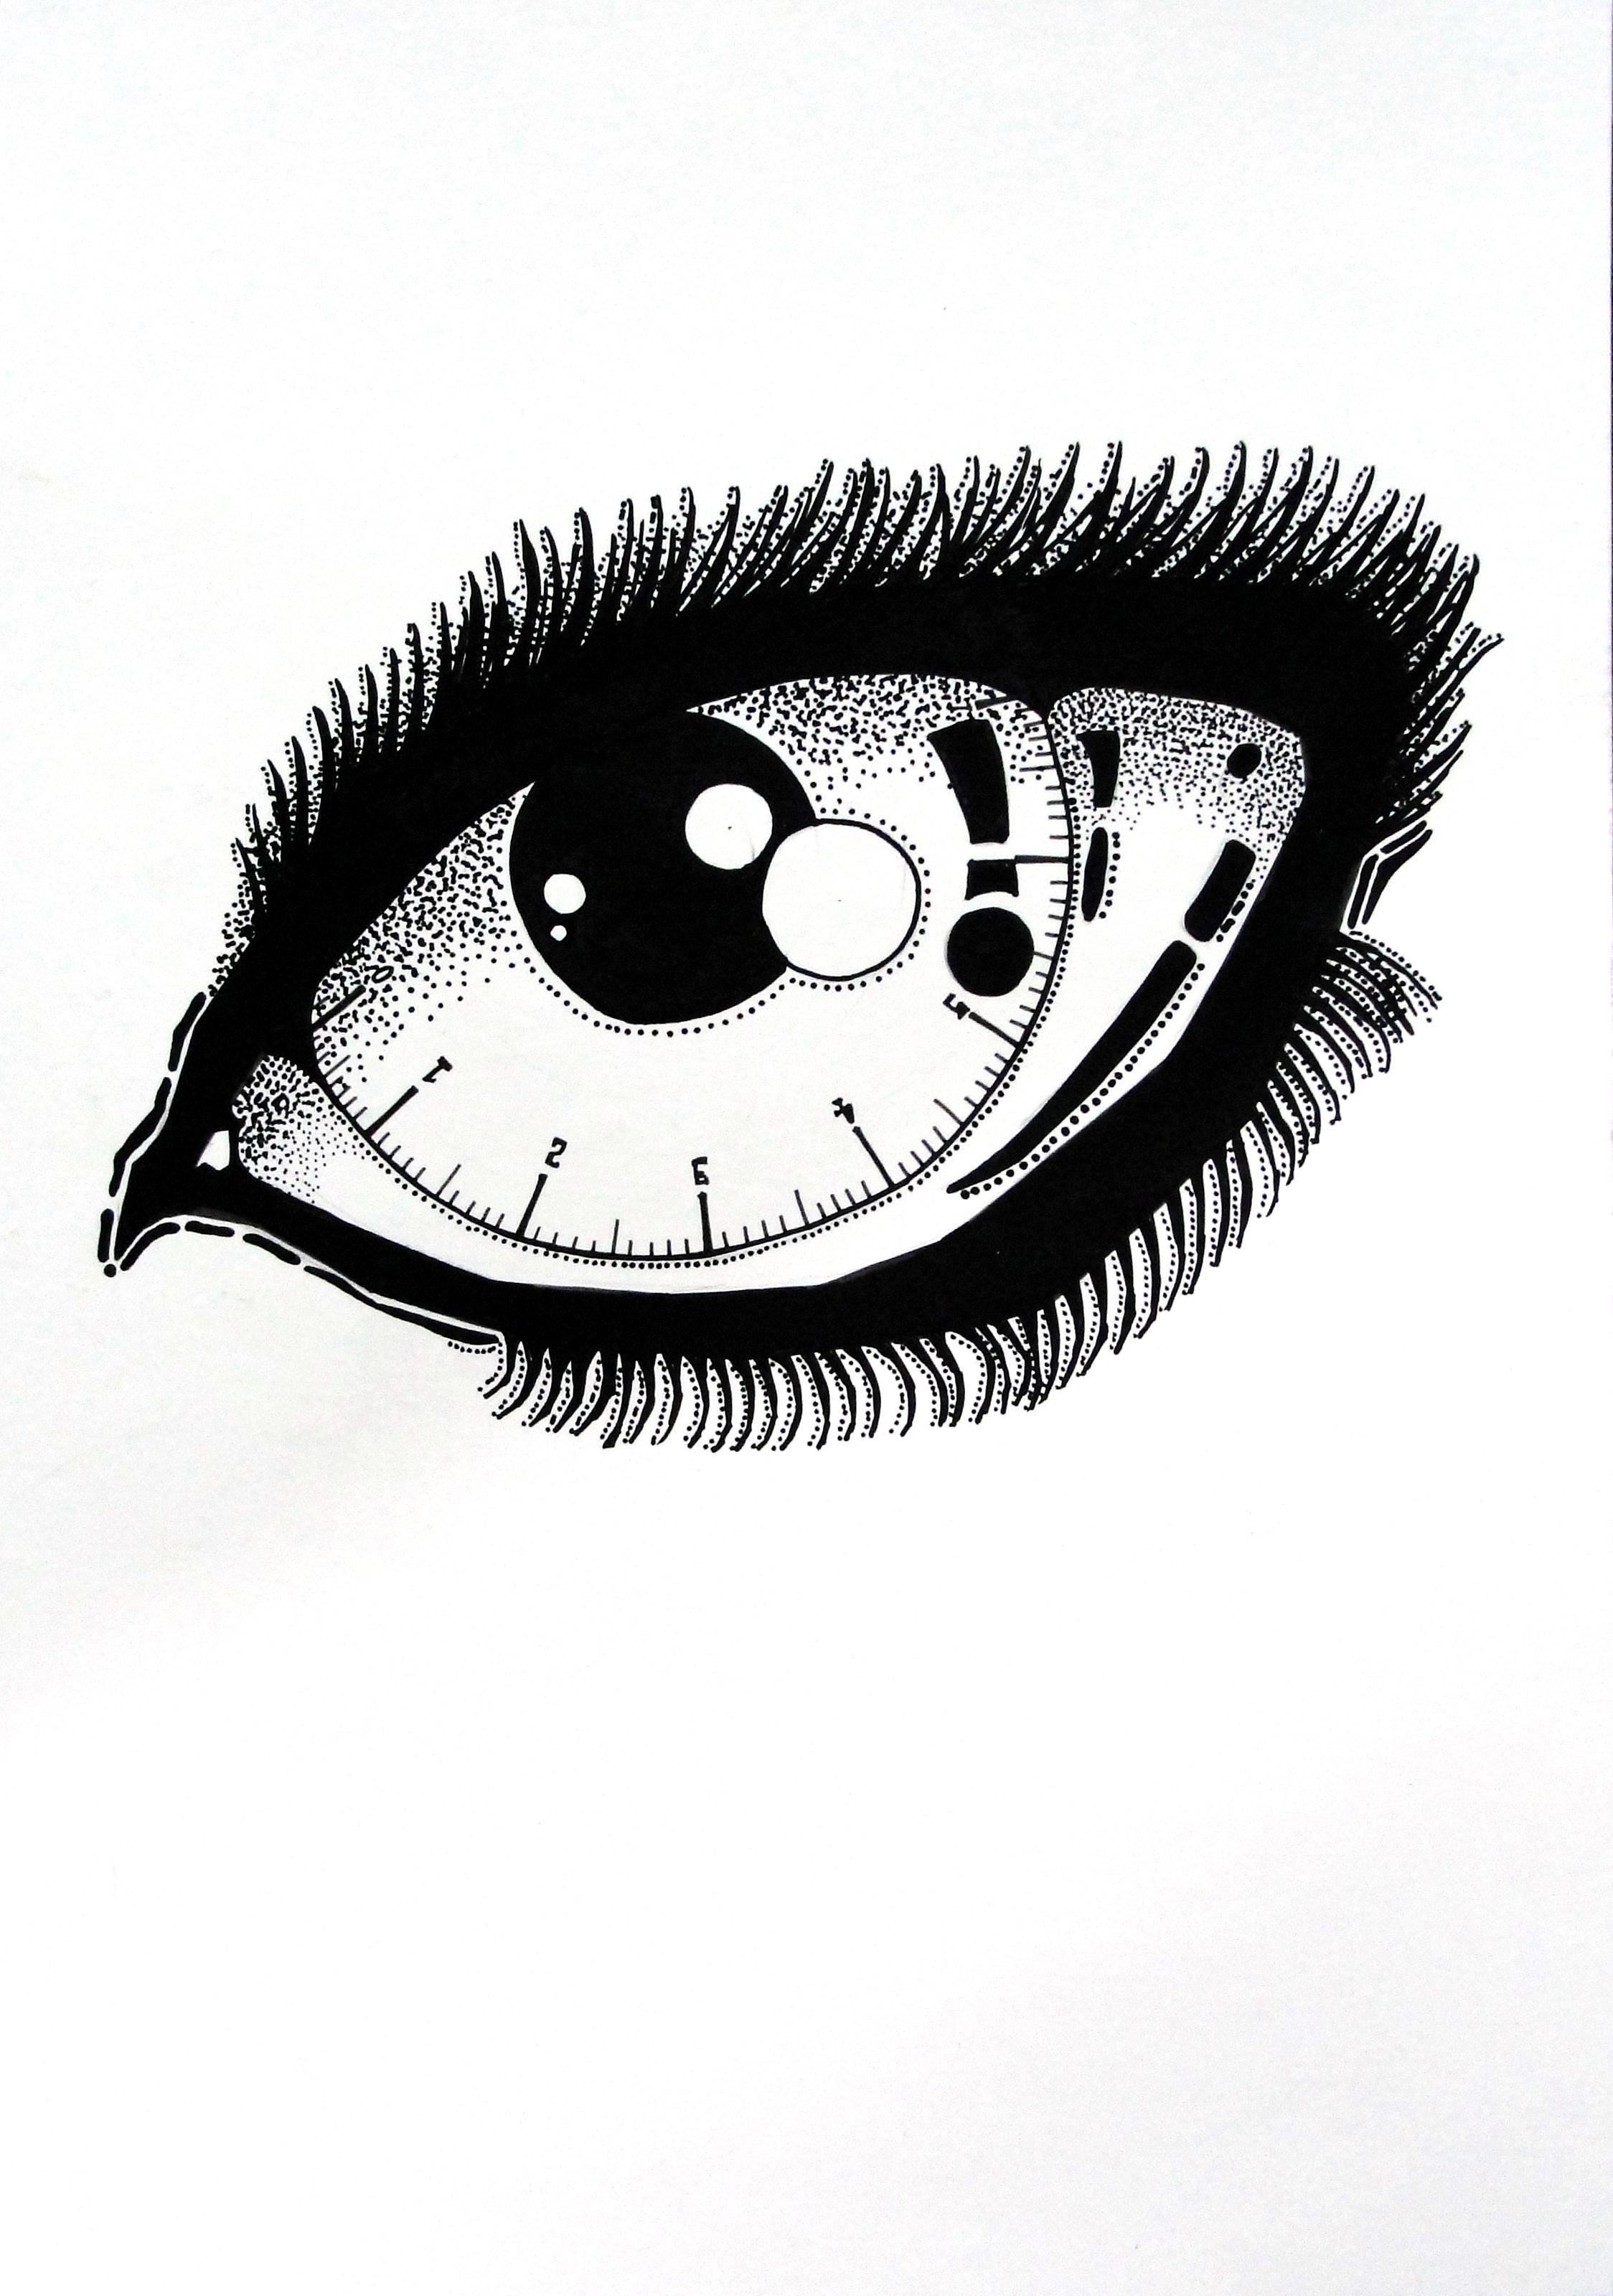 图形创意—手绘图片